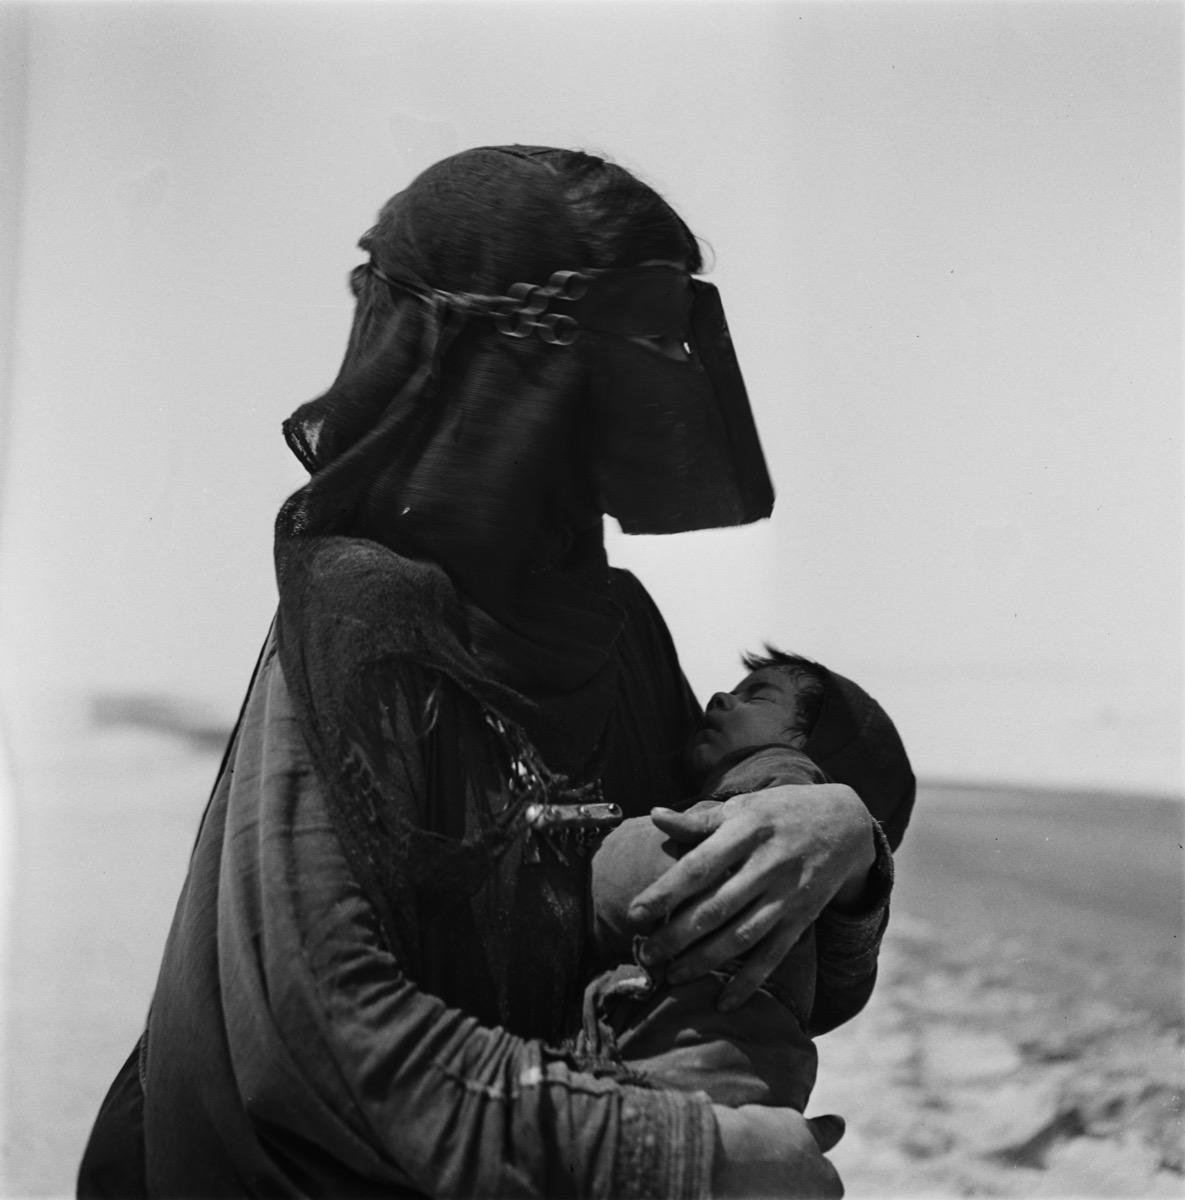 صورة قديمة ومعبرة للأمومة في المنطقة الشرقية قبل 67 عام